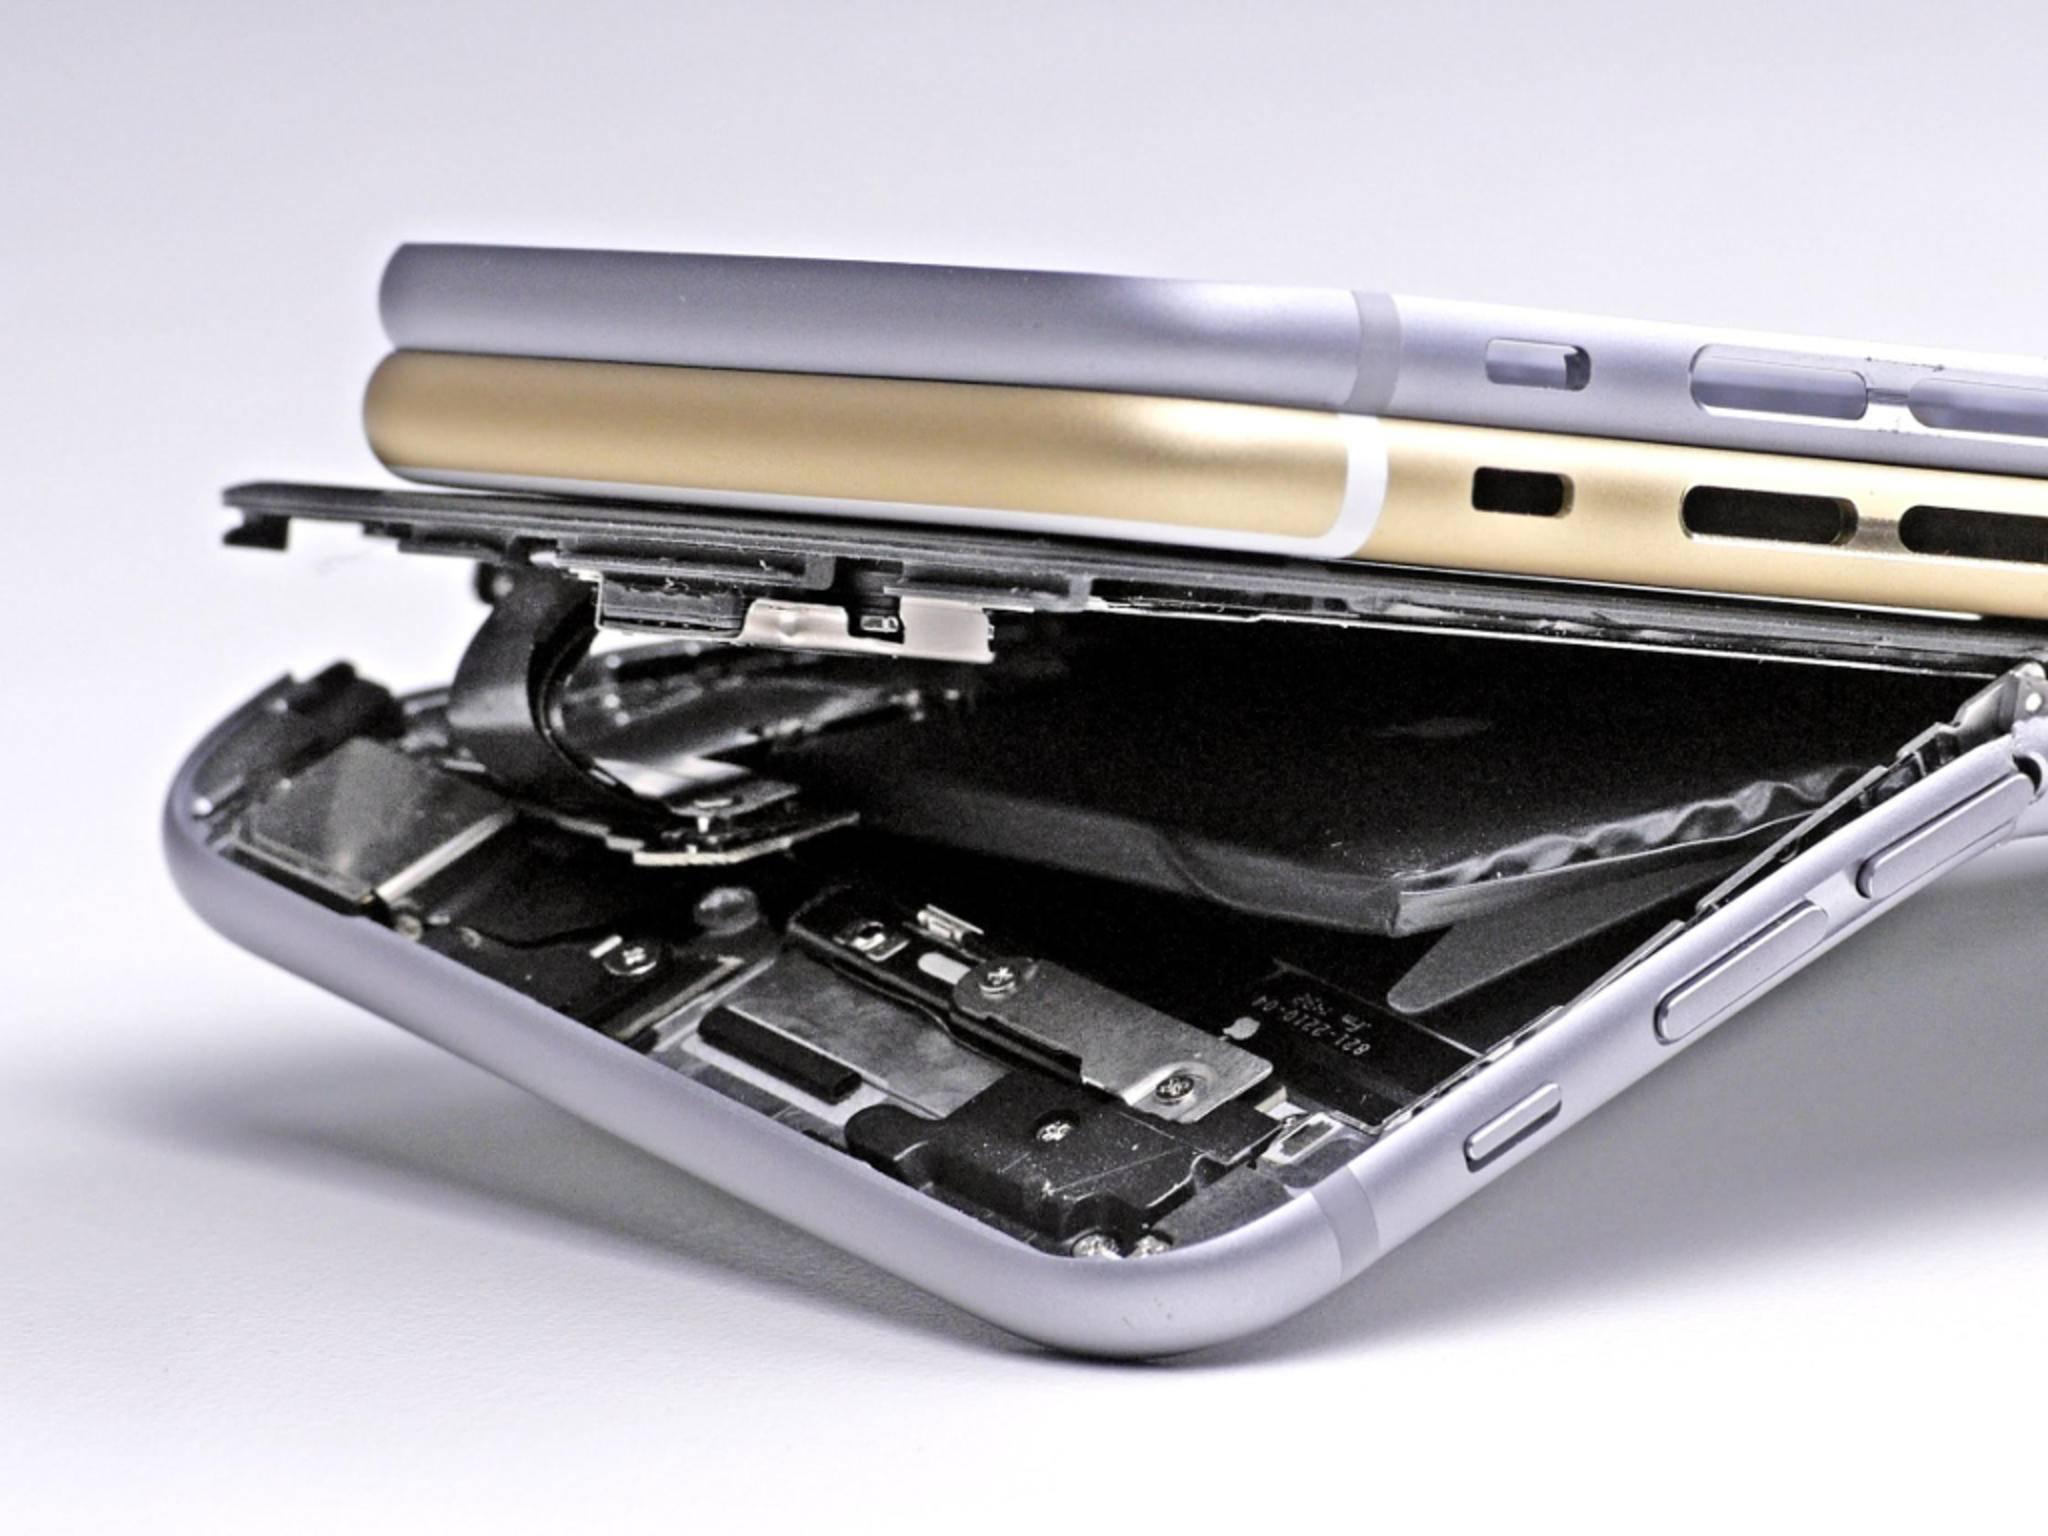 Bendgate: Das Verbiegen von Smartphones hat mittlerweile Tradition.